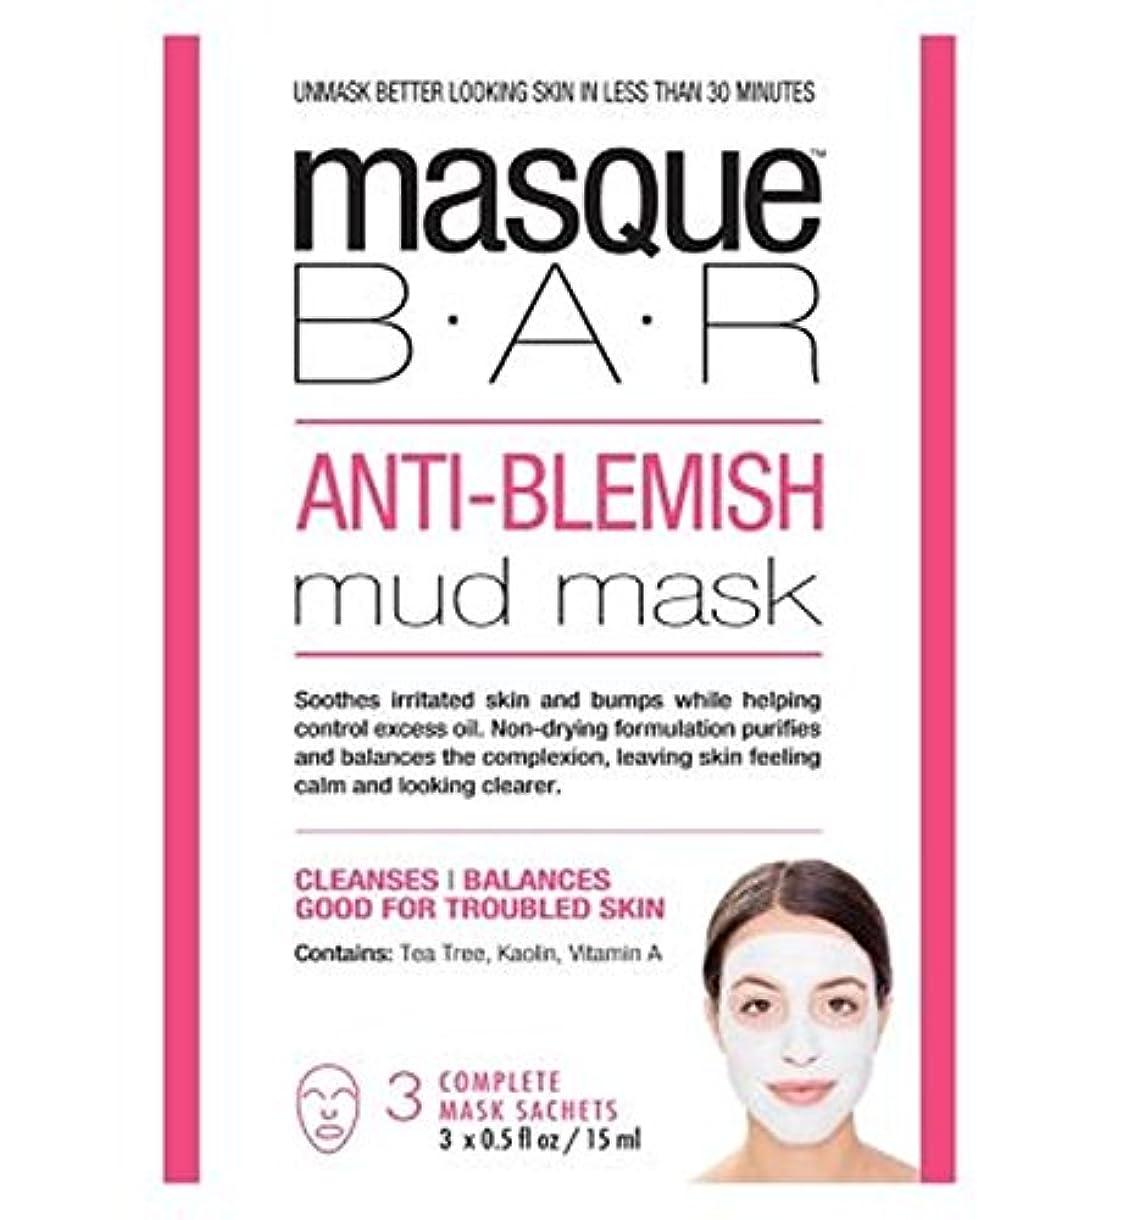 頻繁にペンダント最初Masque Bar Anti-Blemish Mud Mask - 3s - 仮面劇バー抗傷泥マスク - 3S (P6B Masque Bar Bt) [並行輸入品]